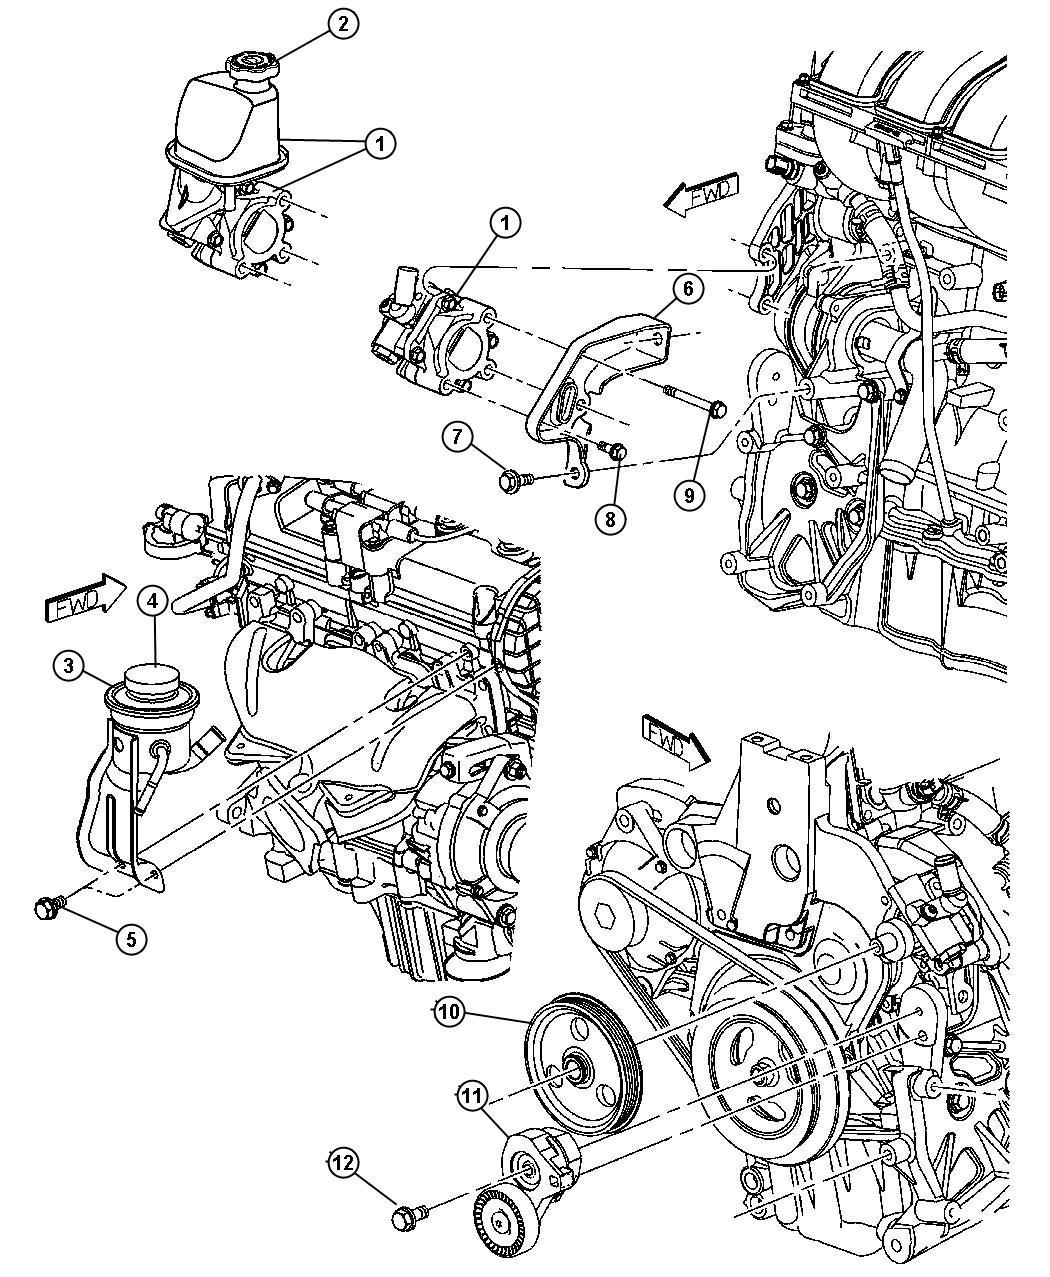 Chrysler Pt Cruiser Pump Power Steering Use 11 27